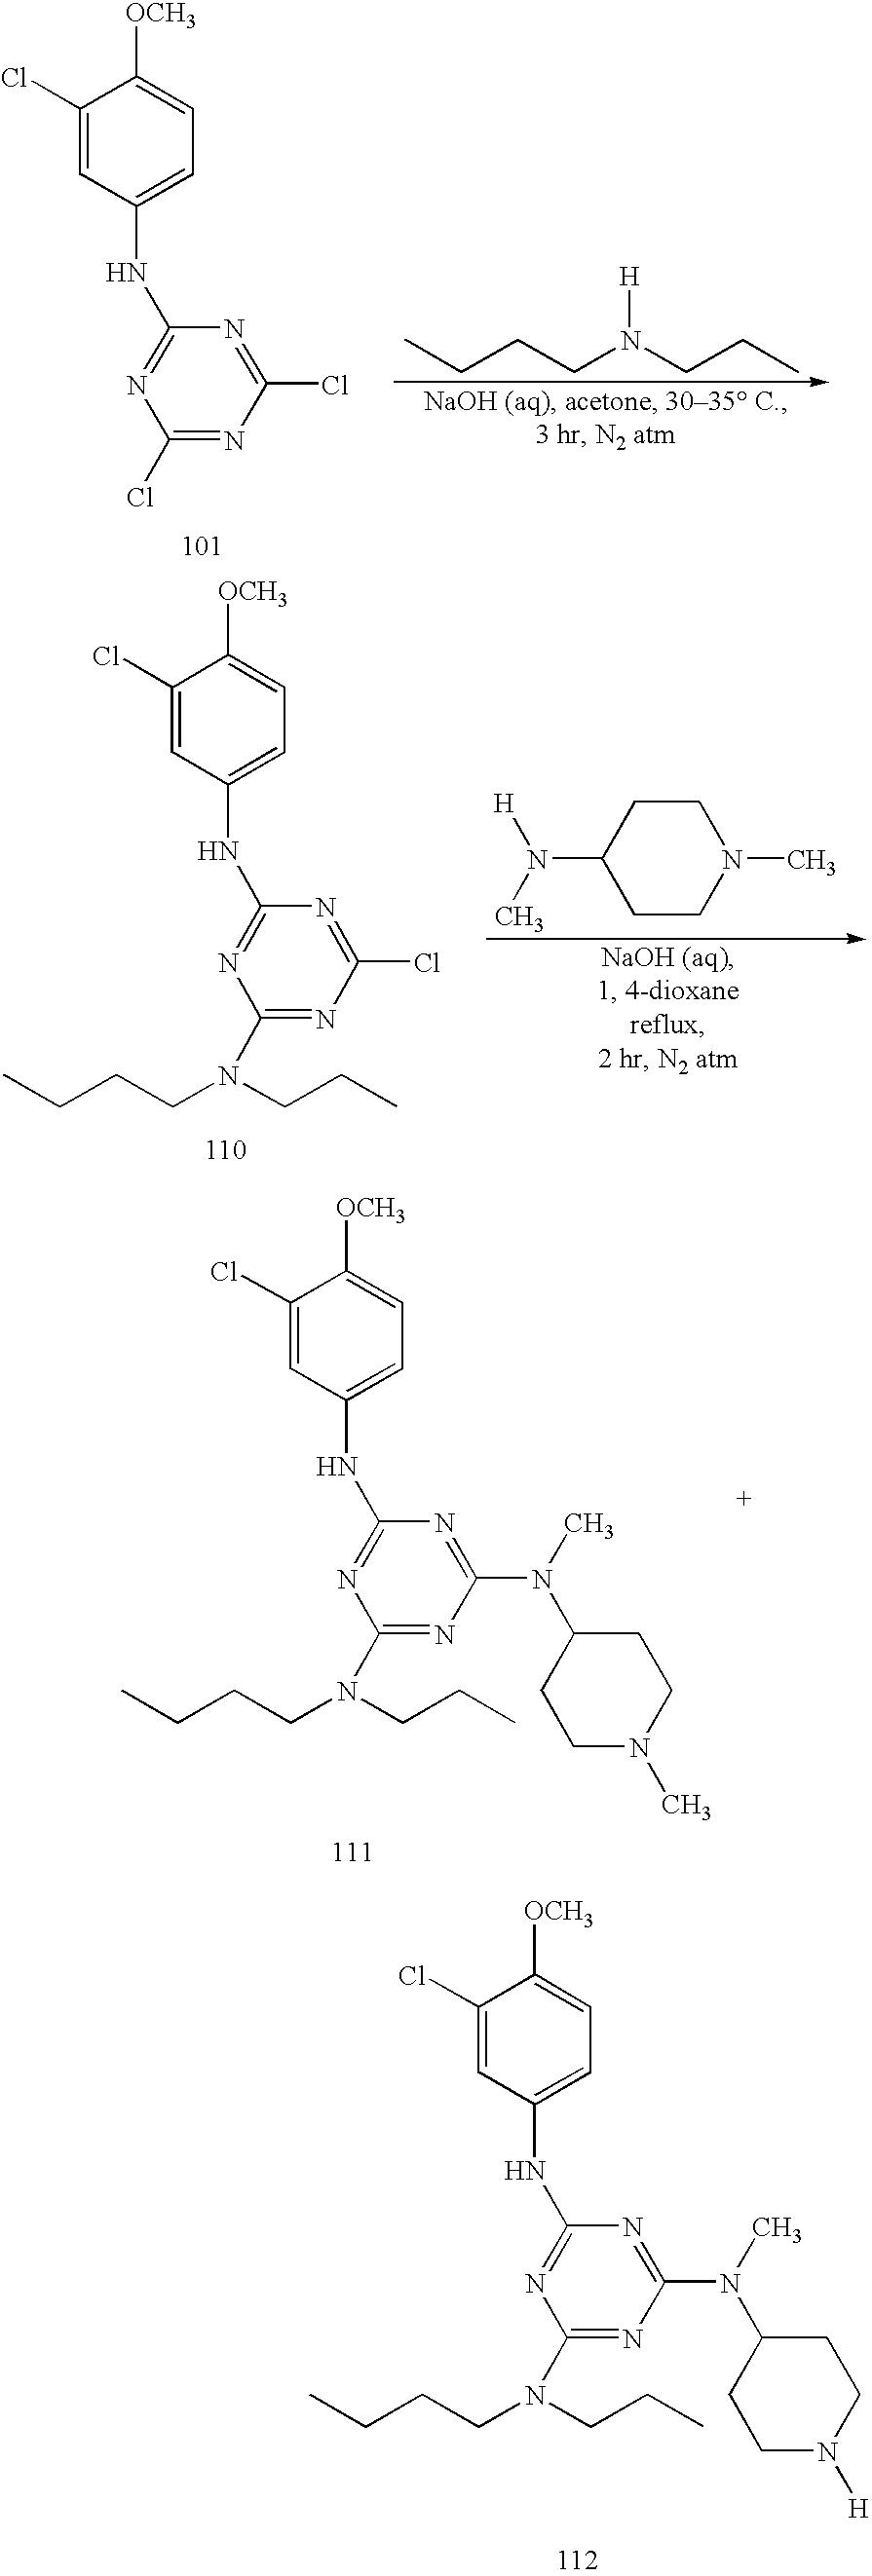 Figure US20050113341A1-20050526-C00148